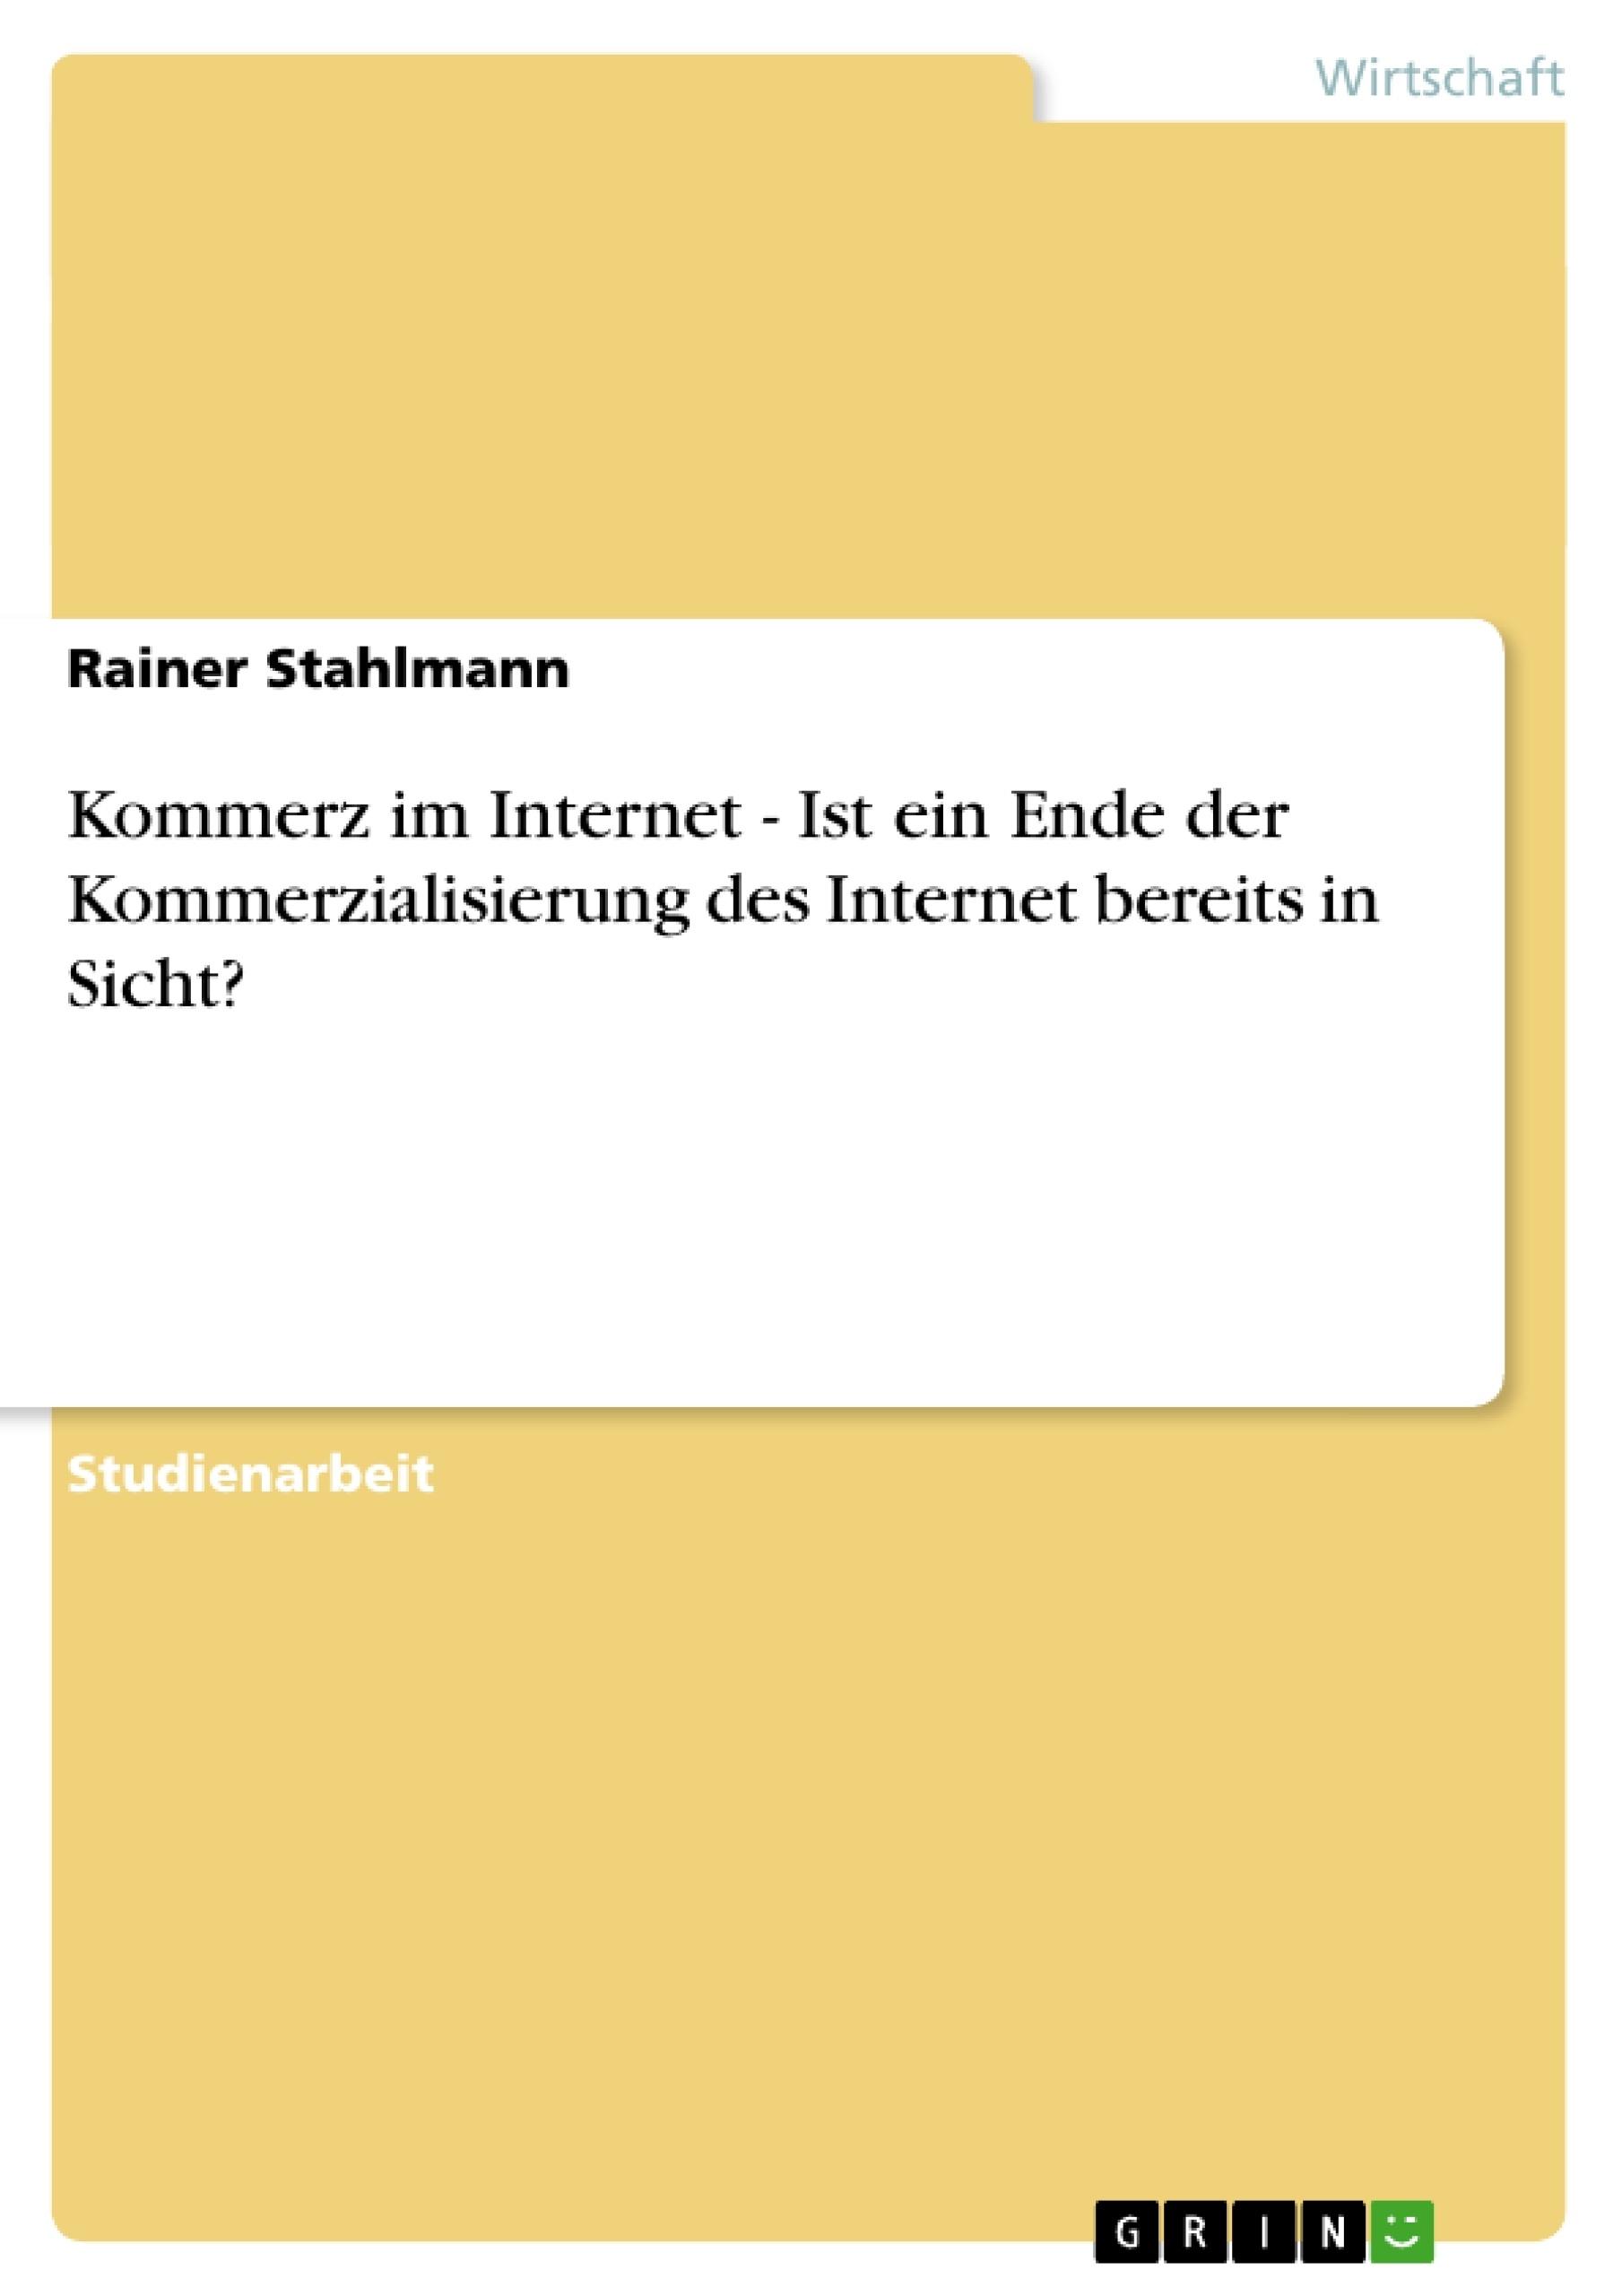 Titel: Kommerz im Internet - Ist ein Ende der Kommerzialisierung des Internet bereits in Sicht?